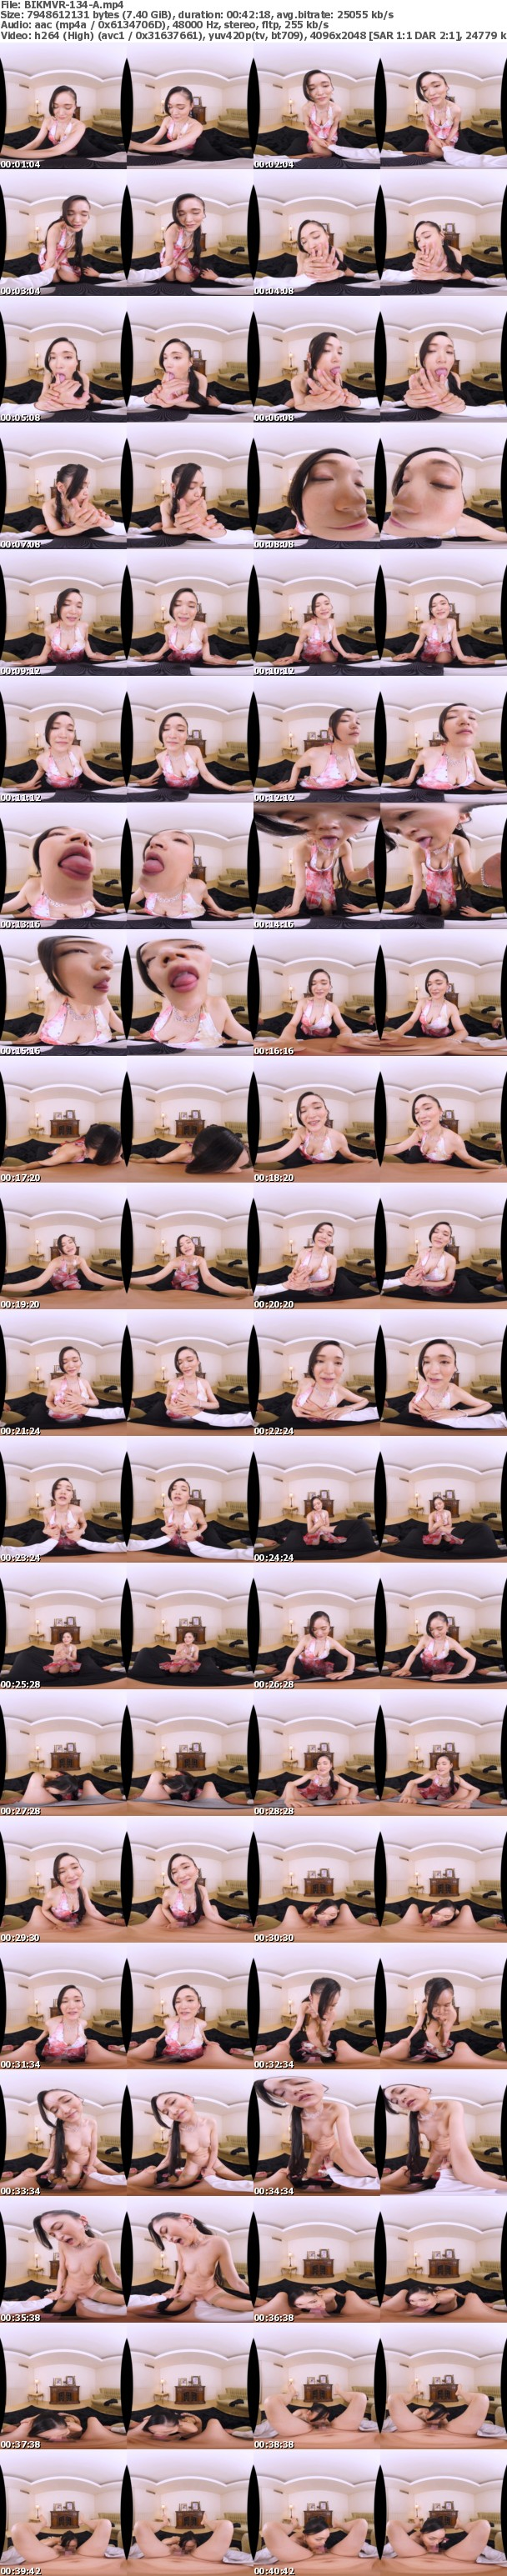 (VR) BIKMVR-134 高級美熟女体液専科 舐め癒やし倶楽部「ベロリーナ」 国仲涼香